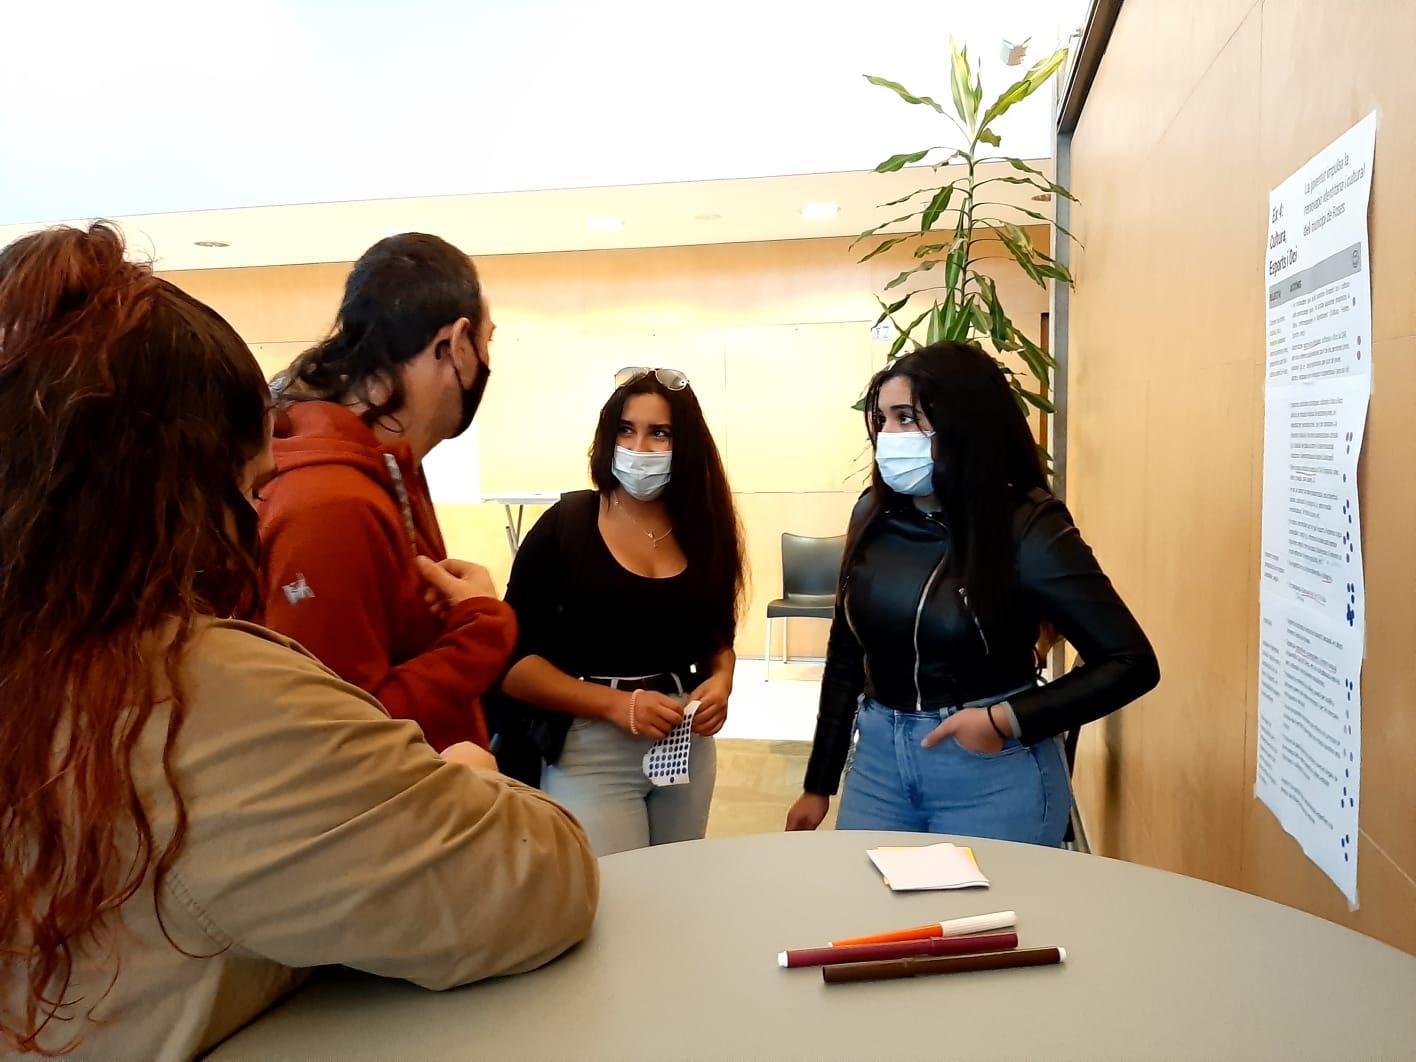 El Pla Local de Joventut presenta els seus eixos i objectius a valoració dels joves i ciutadania de Roses